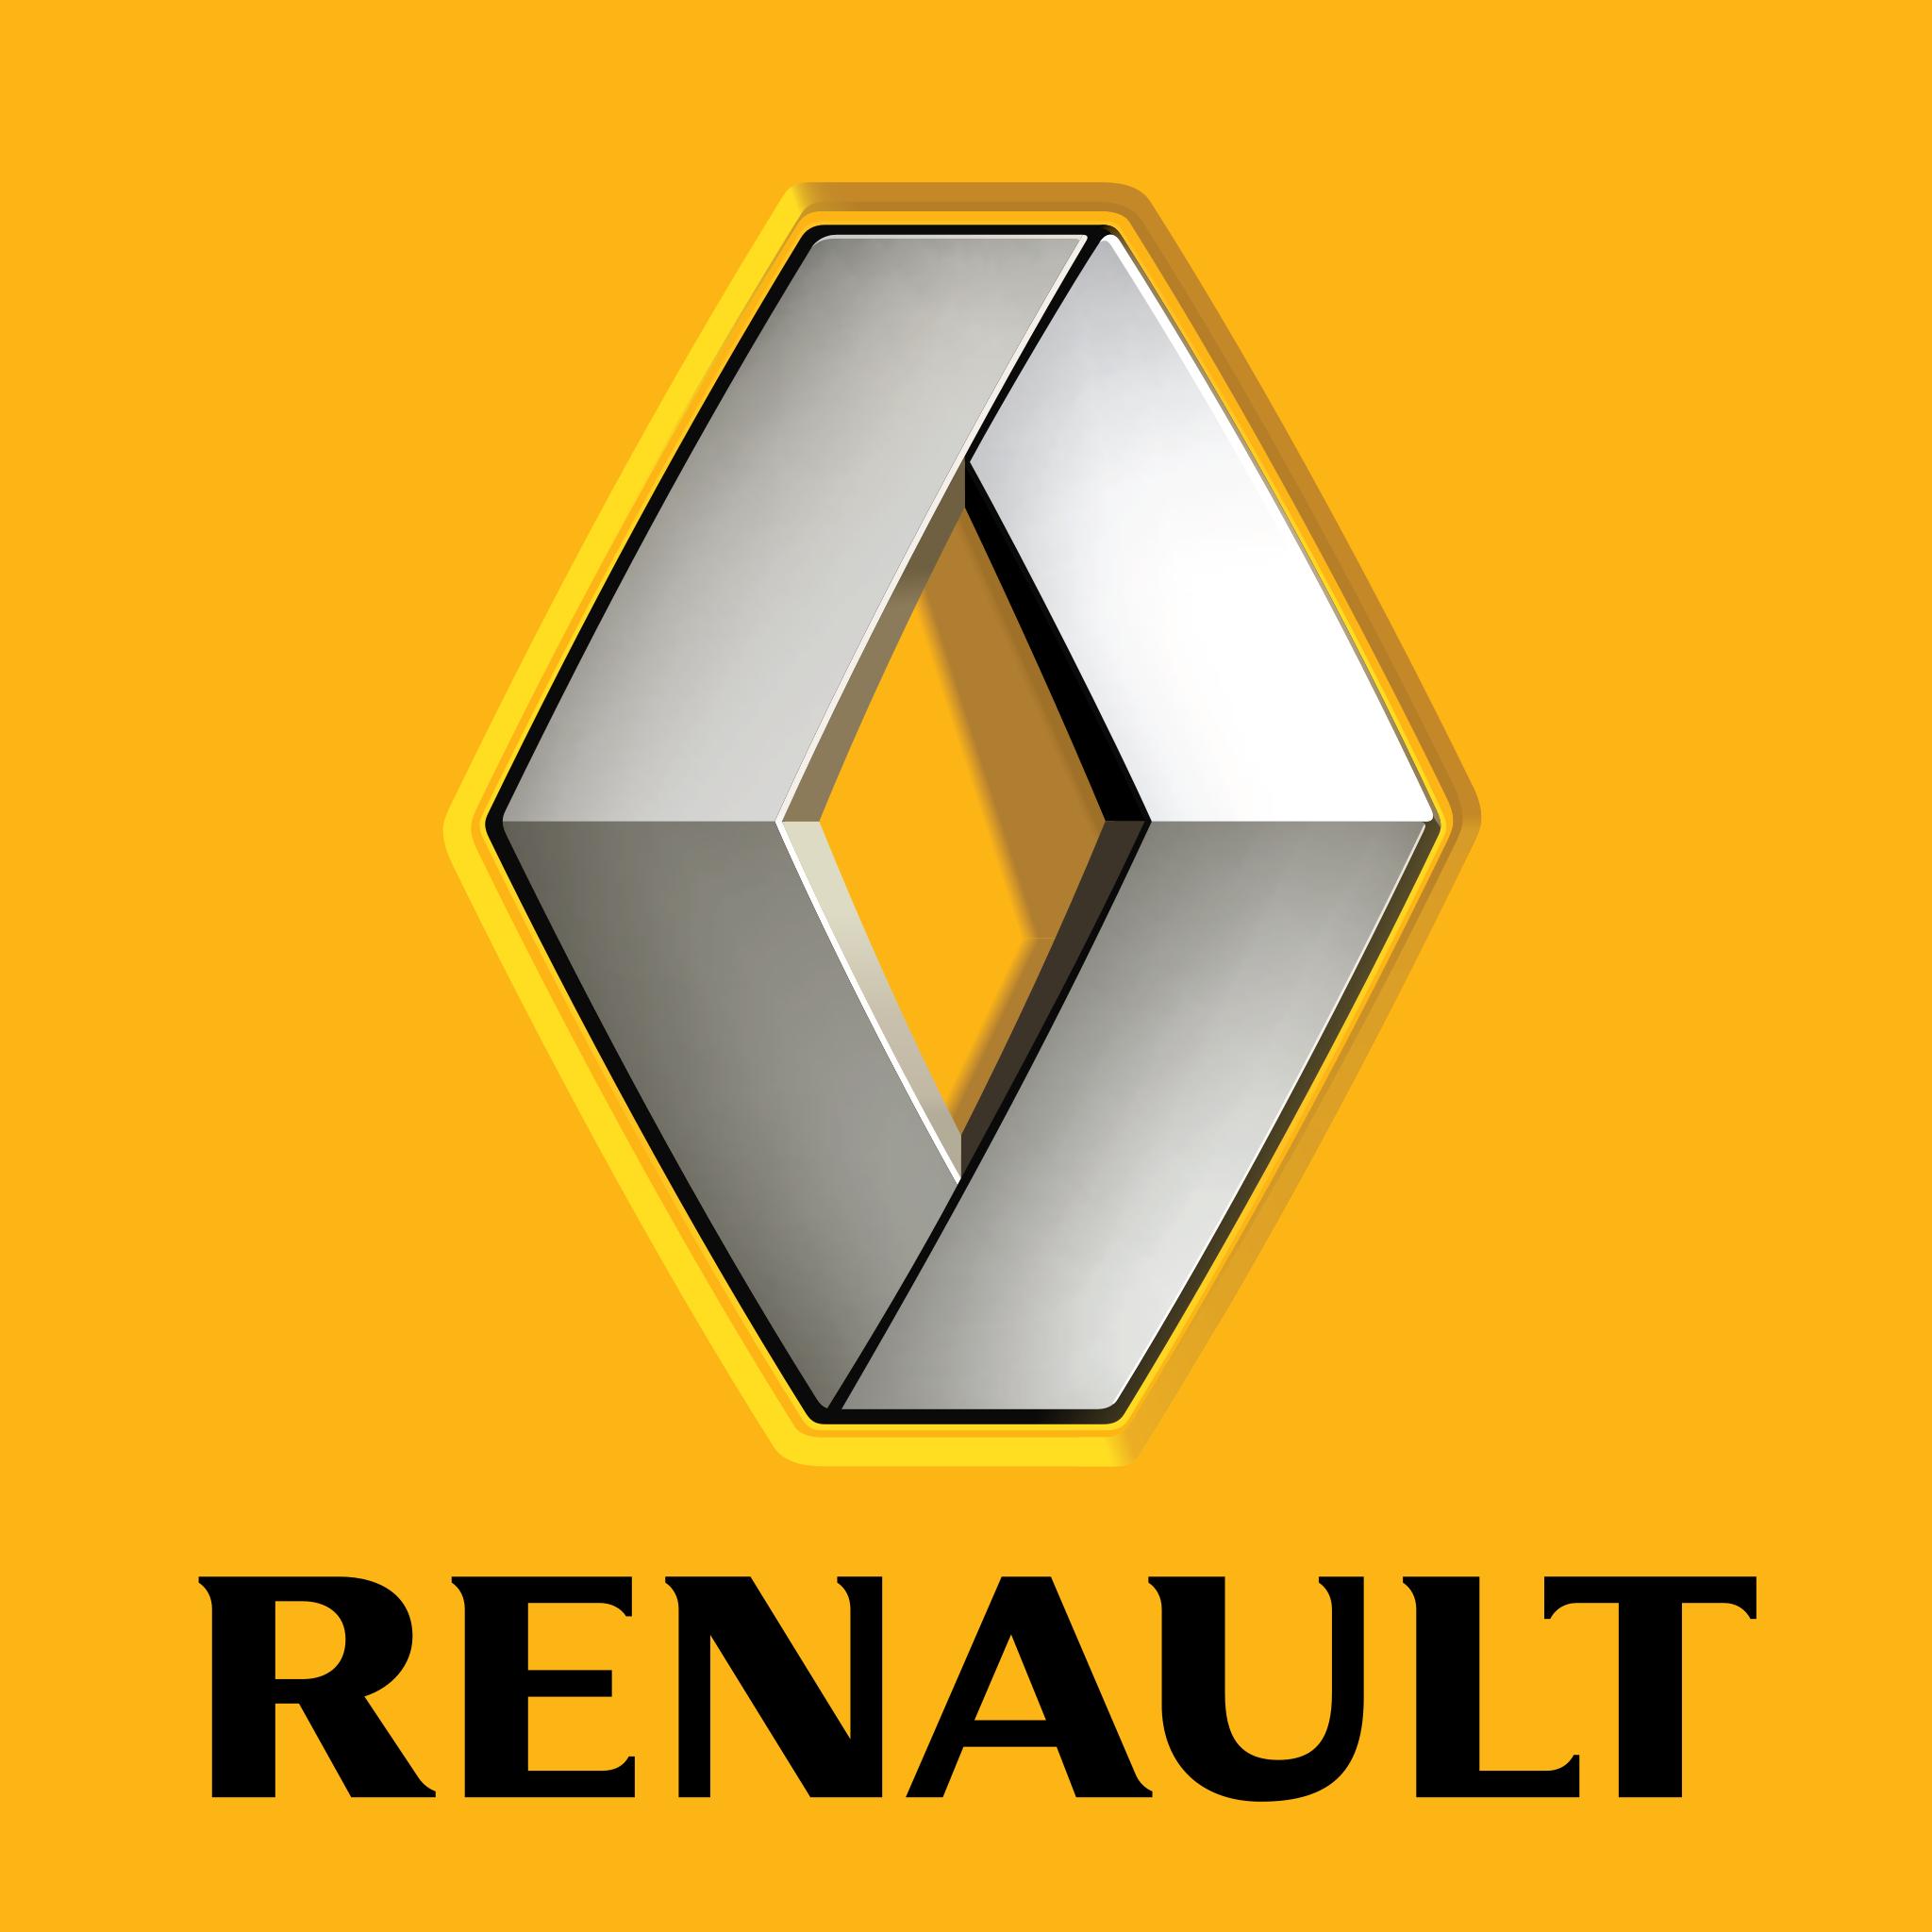 renault-tuning-logo